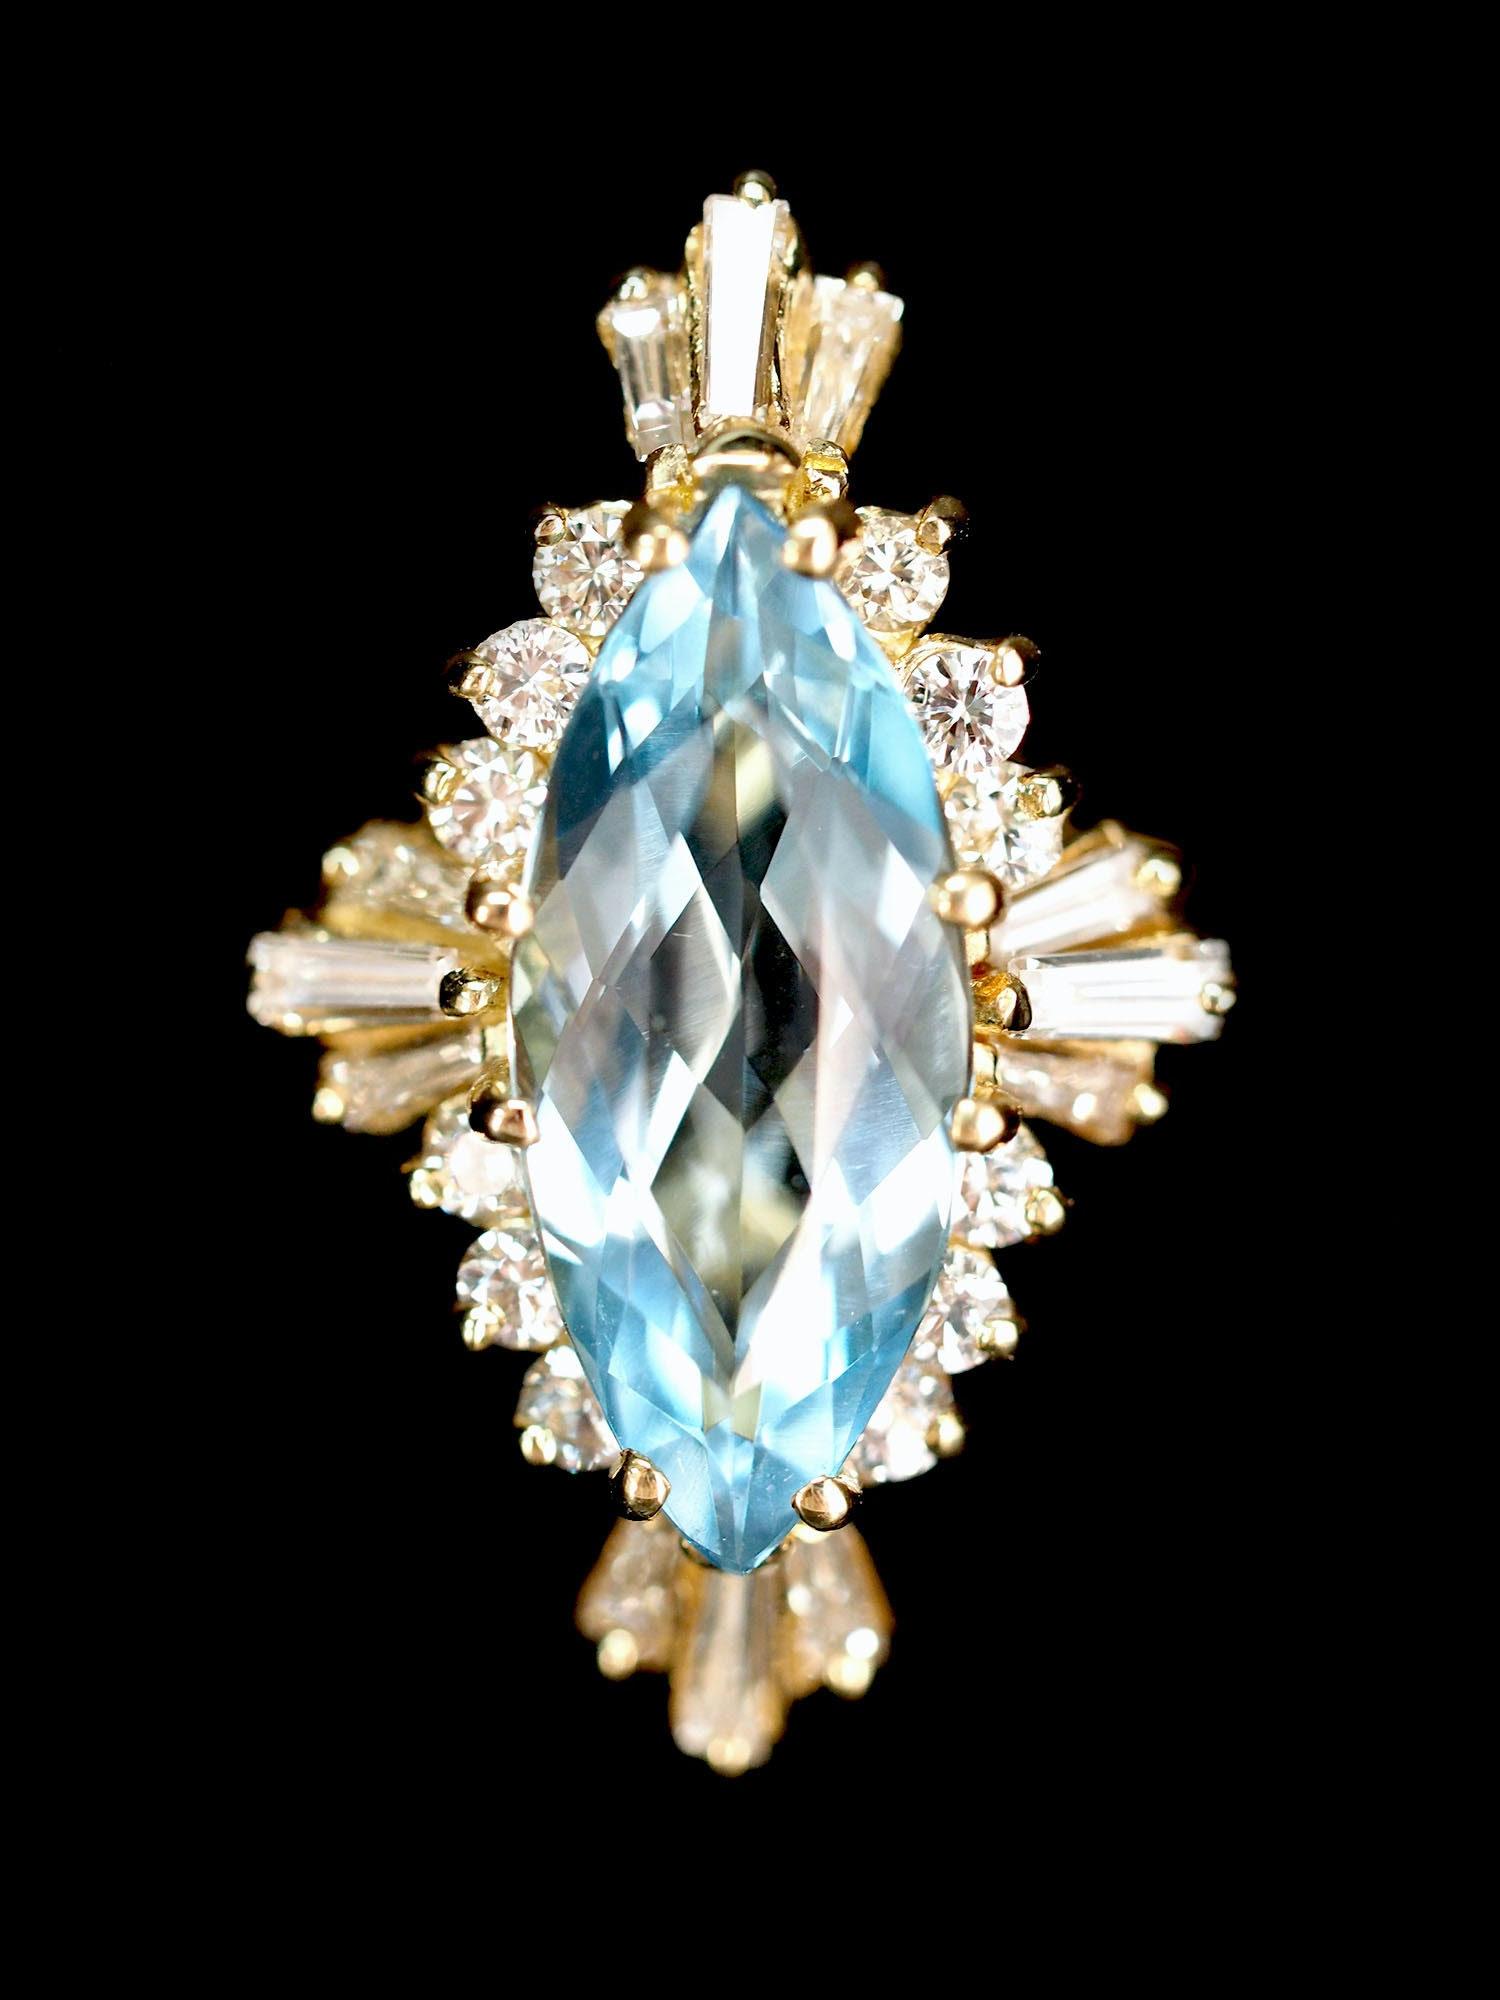 18K Yellow Gold 2.30 CT Aquamarine and Diamond Ring